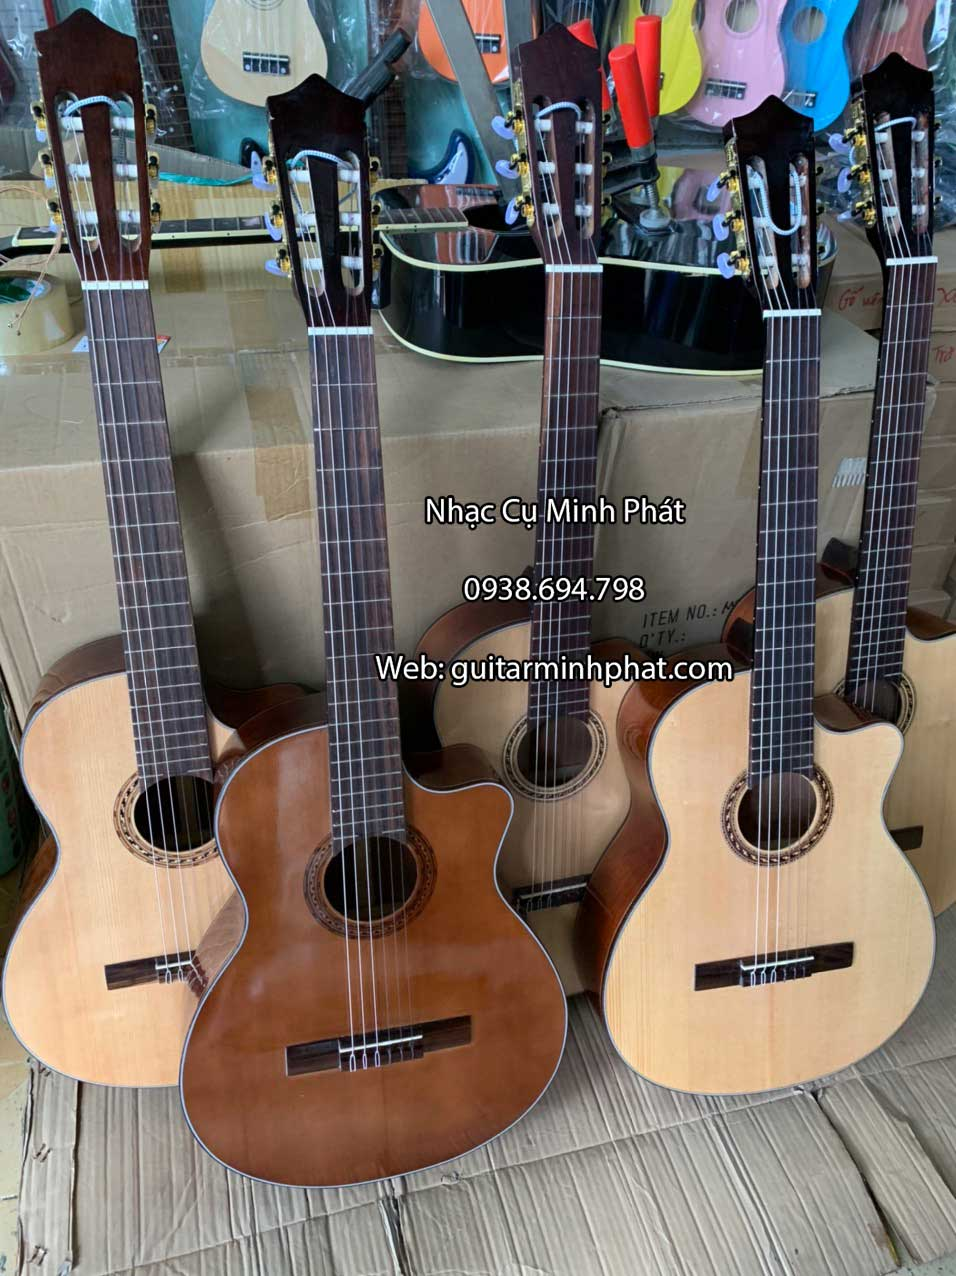 dan-guitar-classic-dang-khuyet-go-hong-dao-cao-cap-co-ty-chinh-can (6)